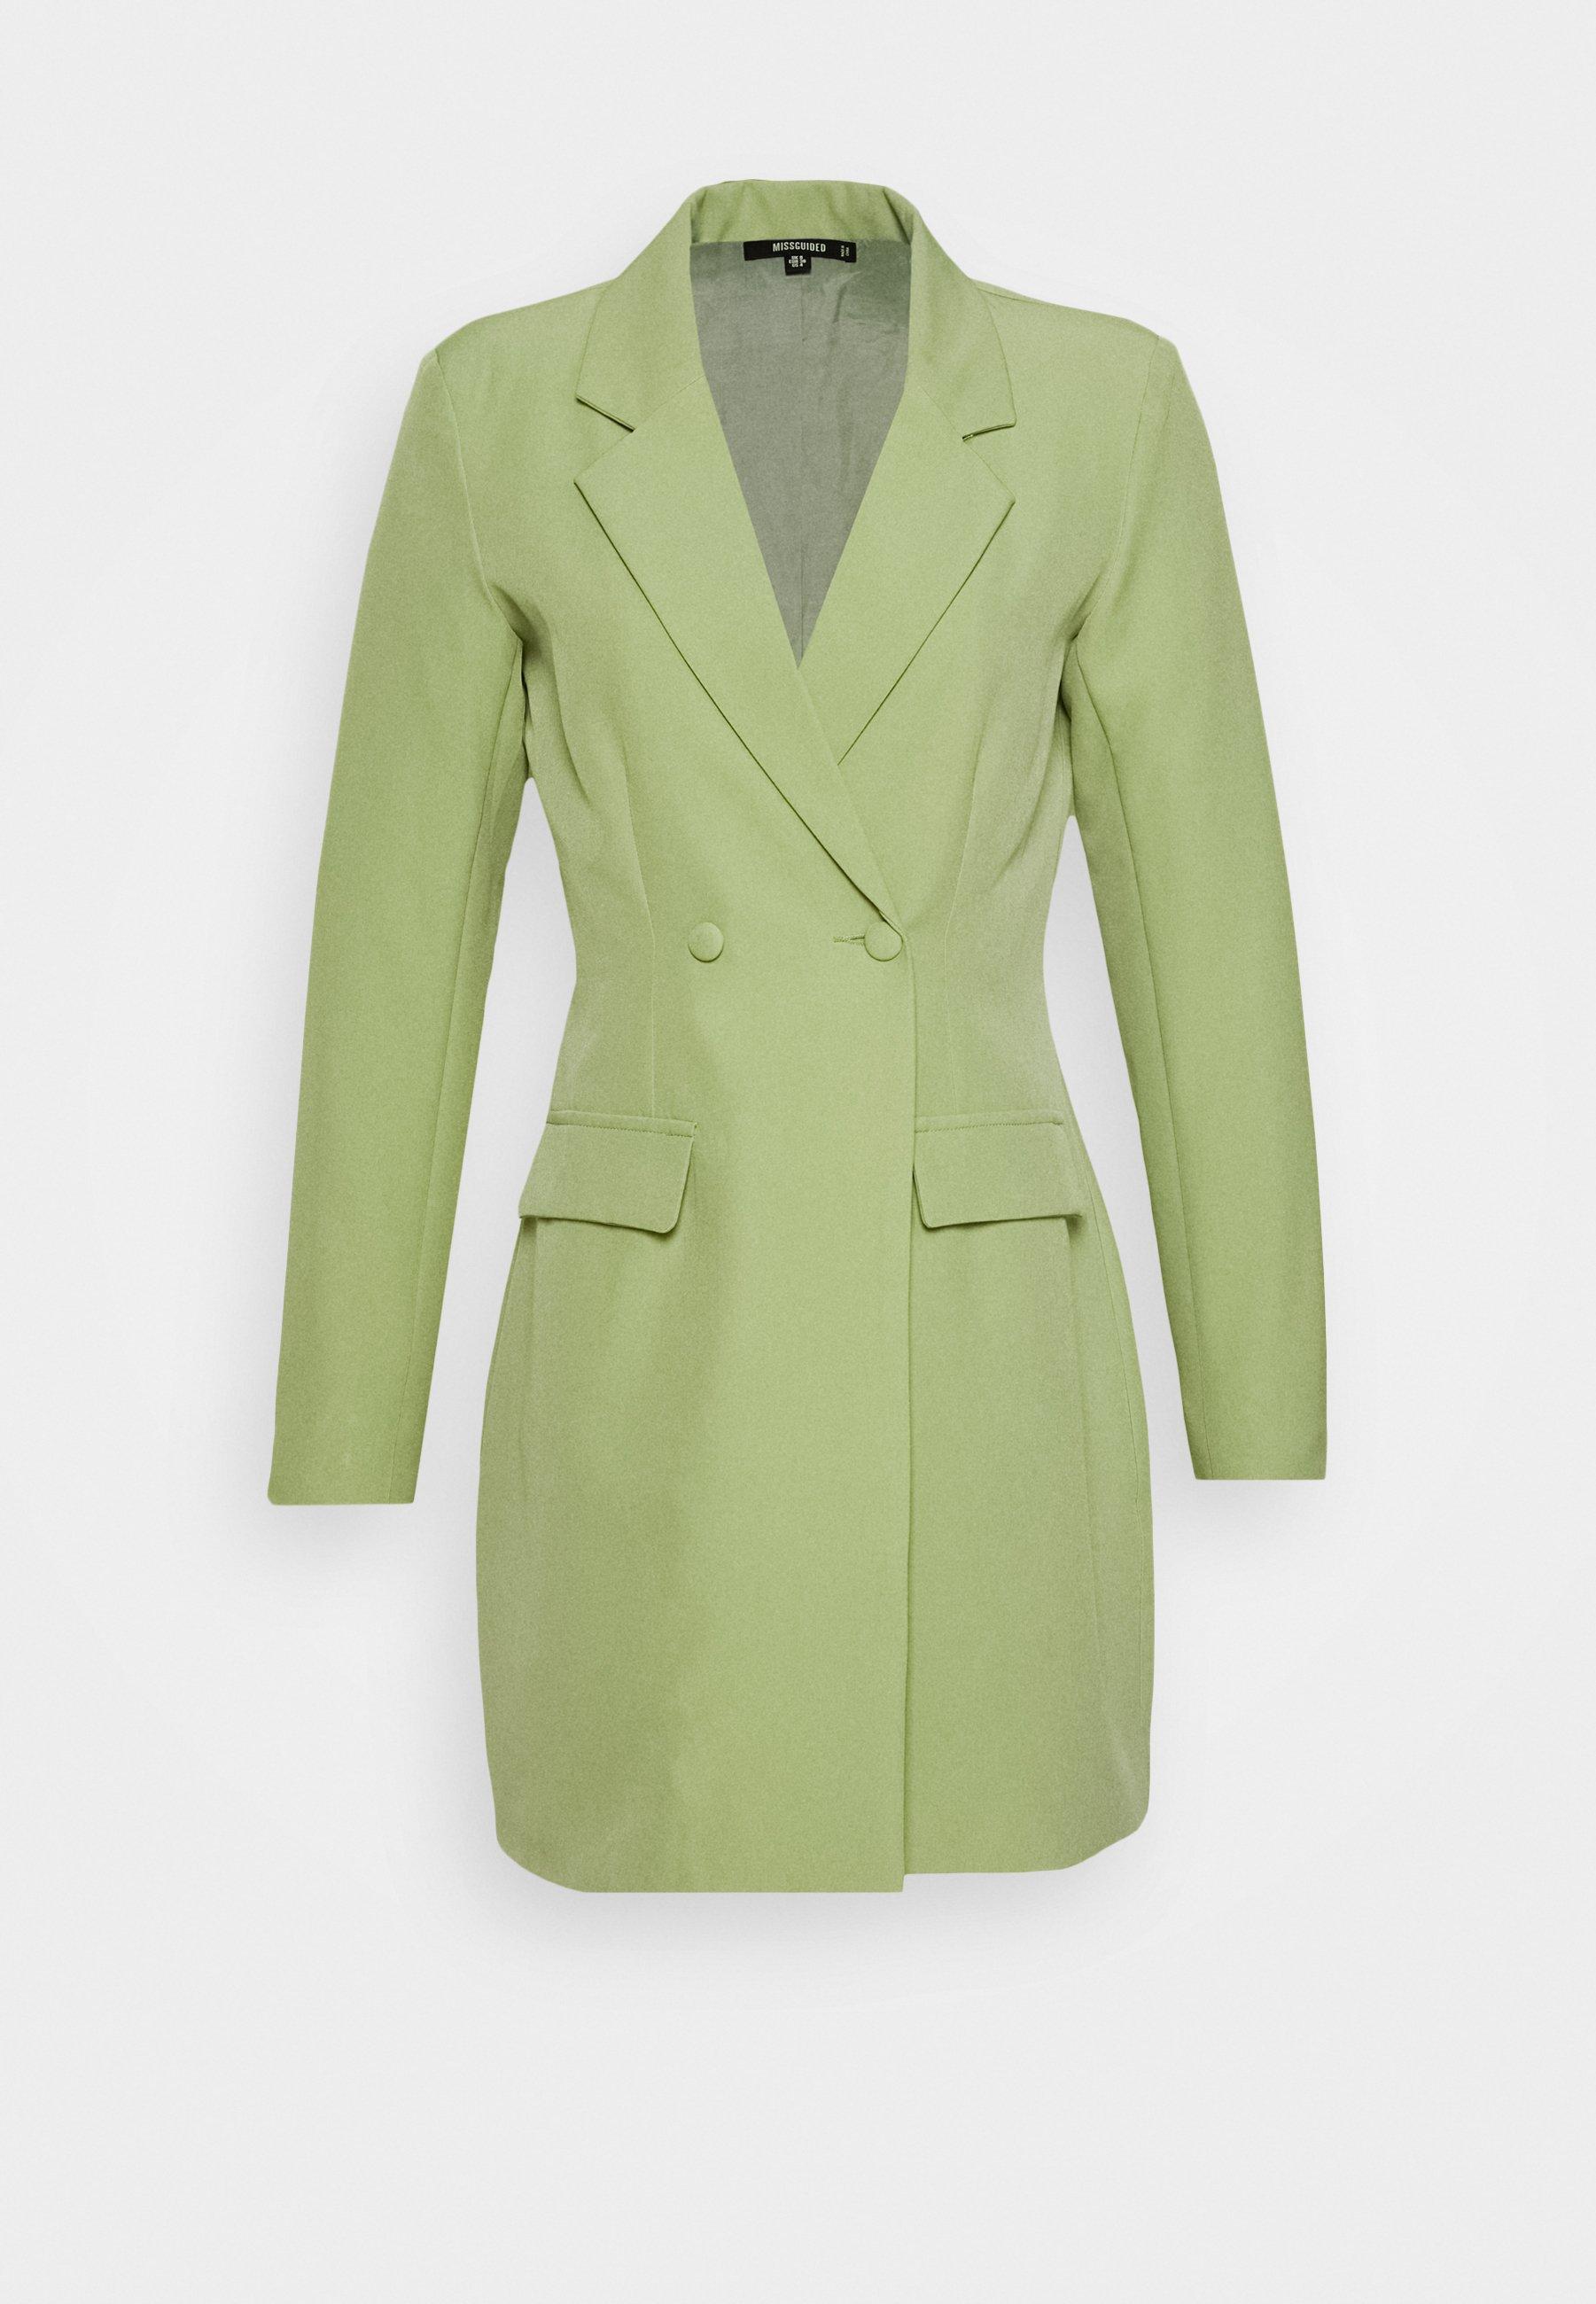 Manteau femme | Veste pour femme en ligne Missguided